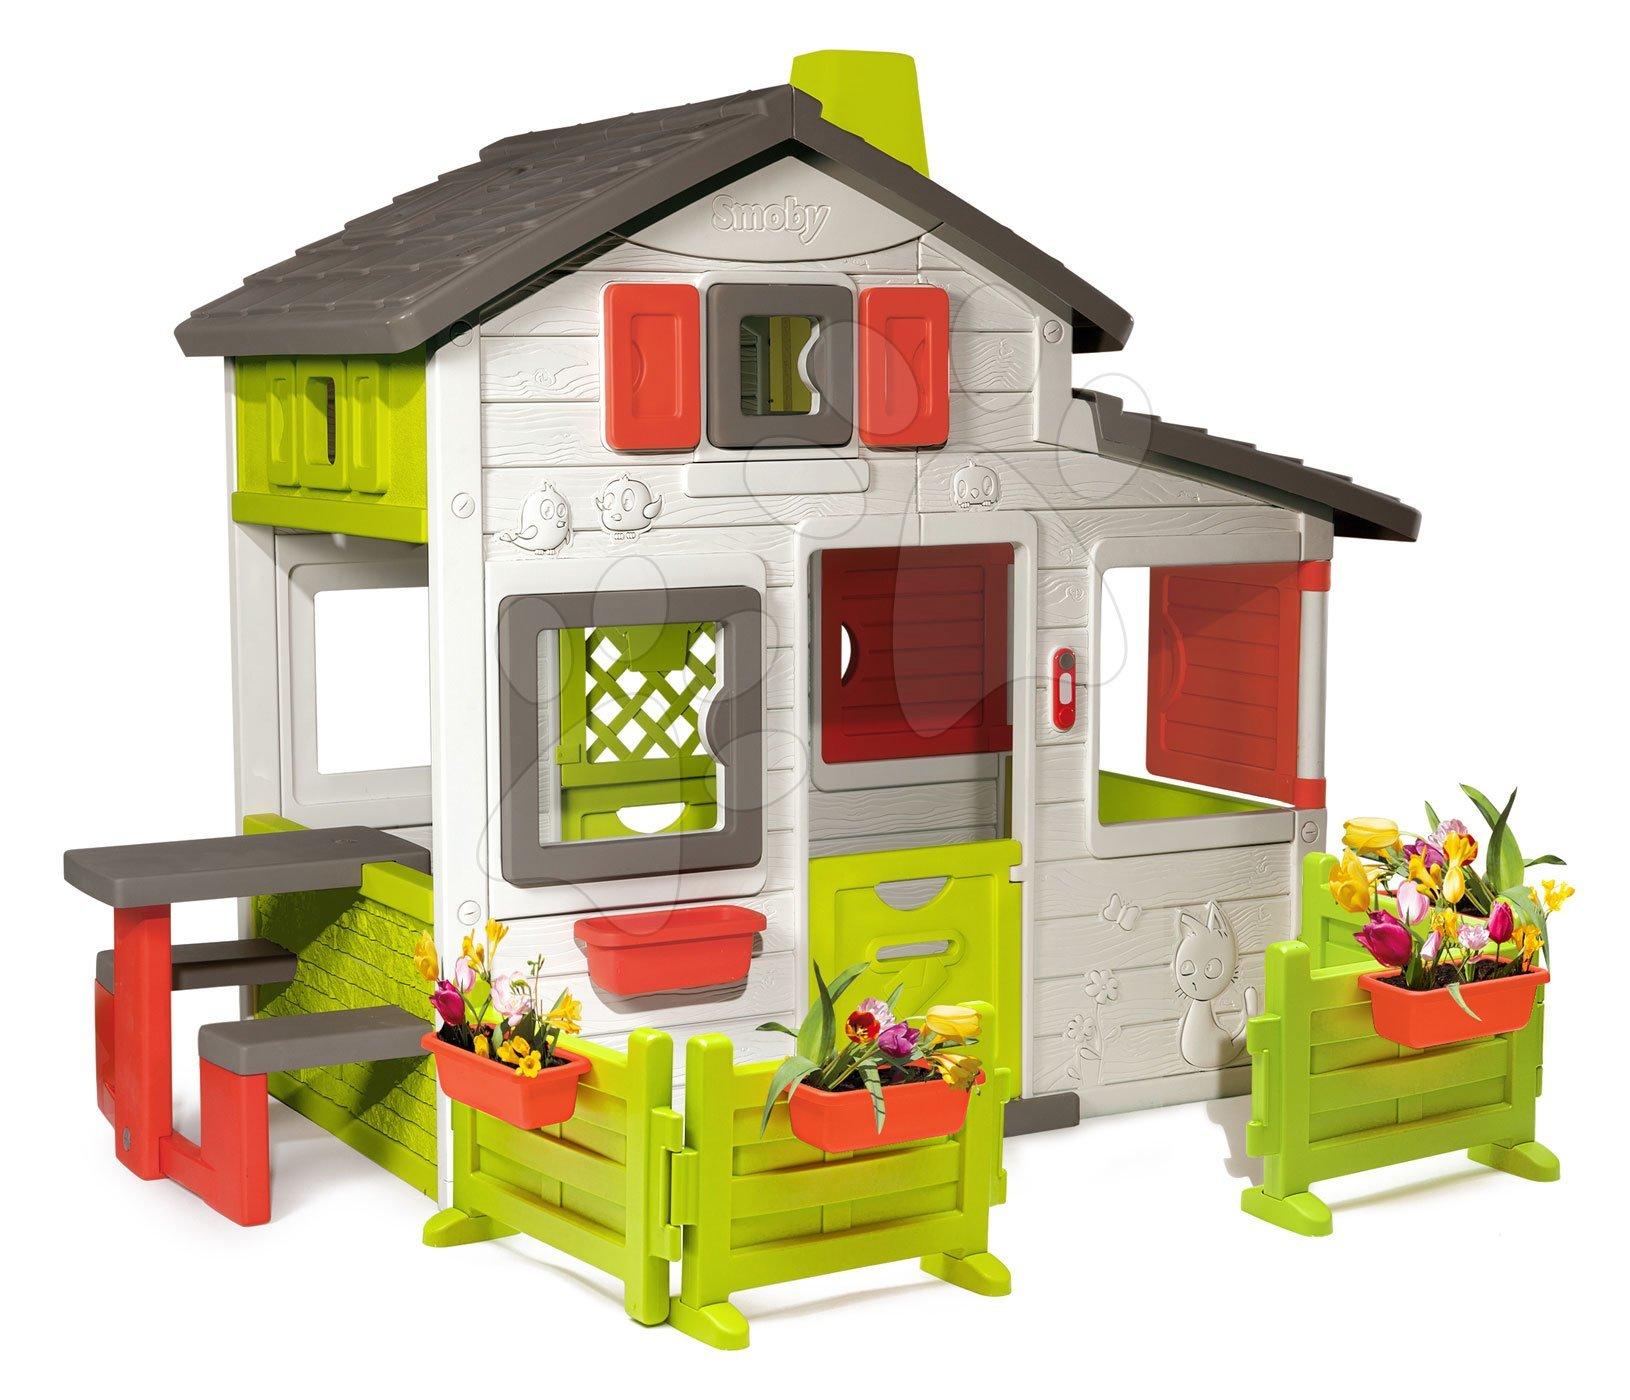 Házikó Jóbarátok Friends House Smoby dupla előkerttel